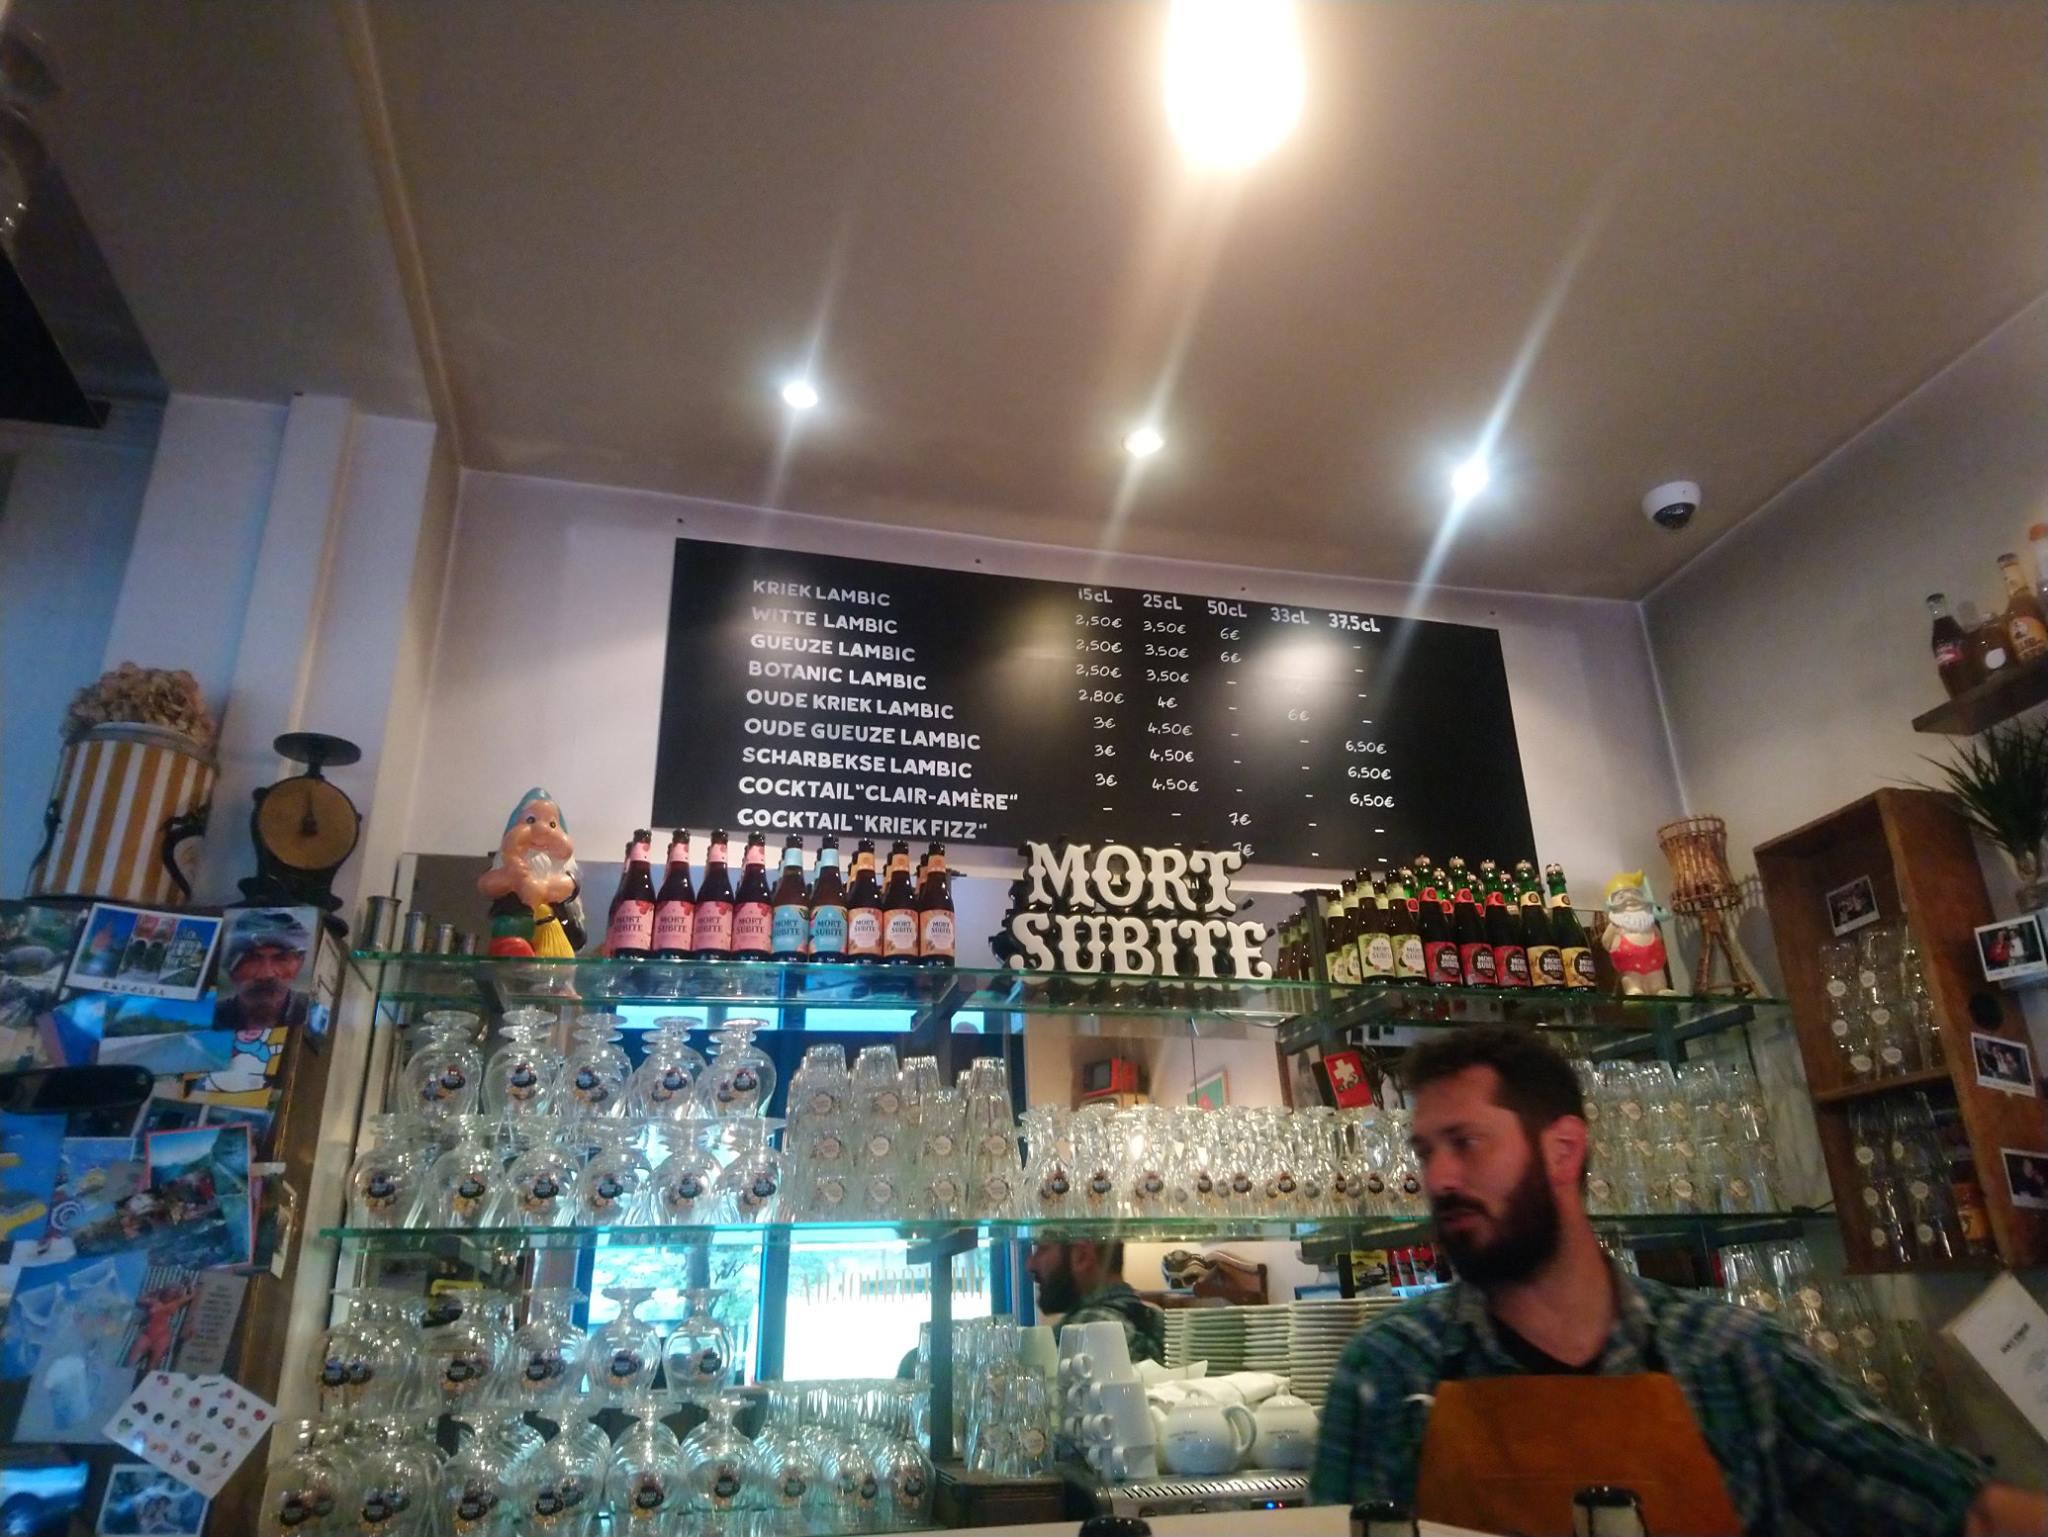 Le bar à lambics - Mort Subite - Paris - 2019